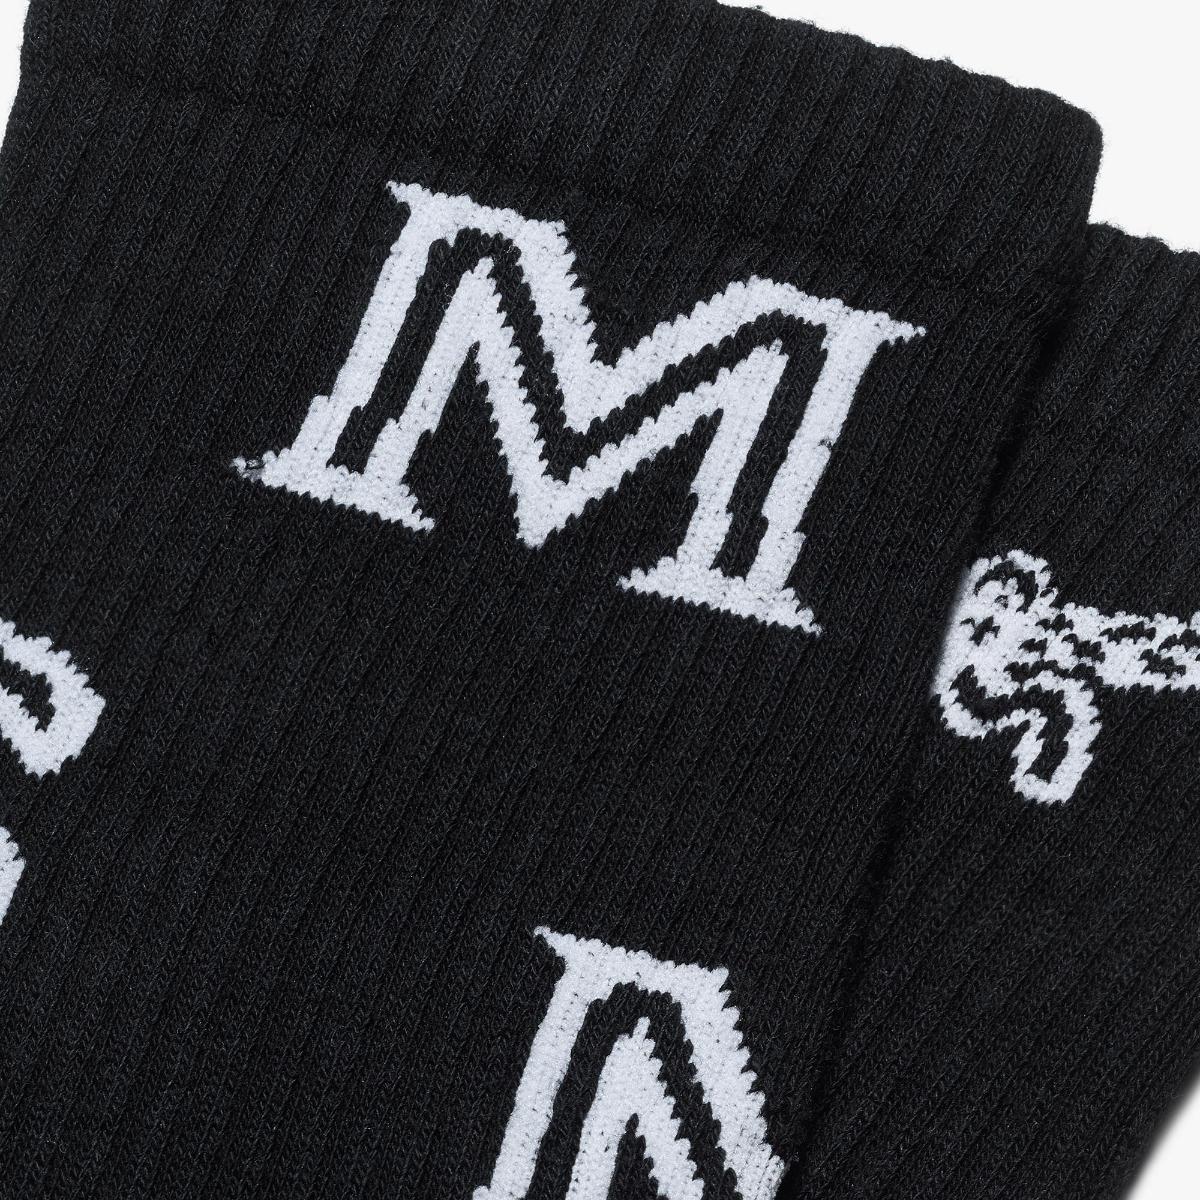 엠씨엠(MCM) M 로고 코튼 삭스 MEZASBM03BK